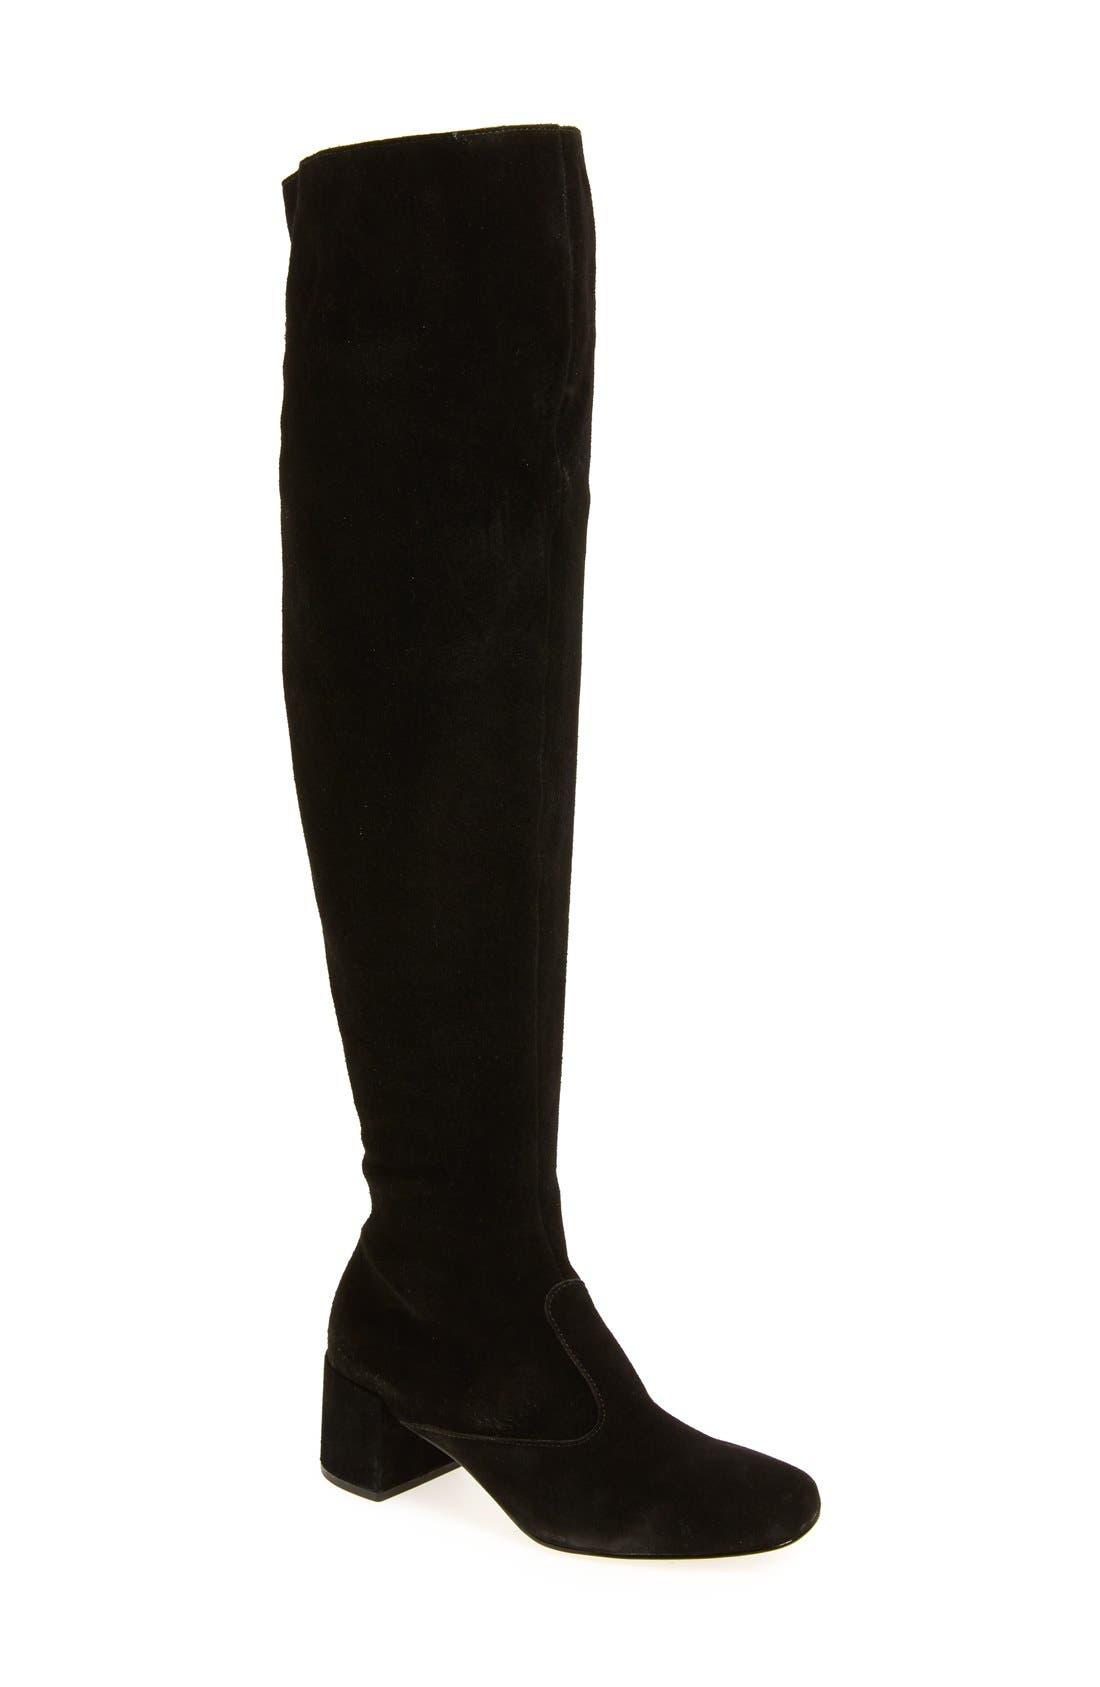 Main Image - Matisse Reginald Over the Knee Boot (Women)